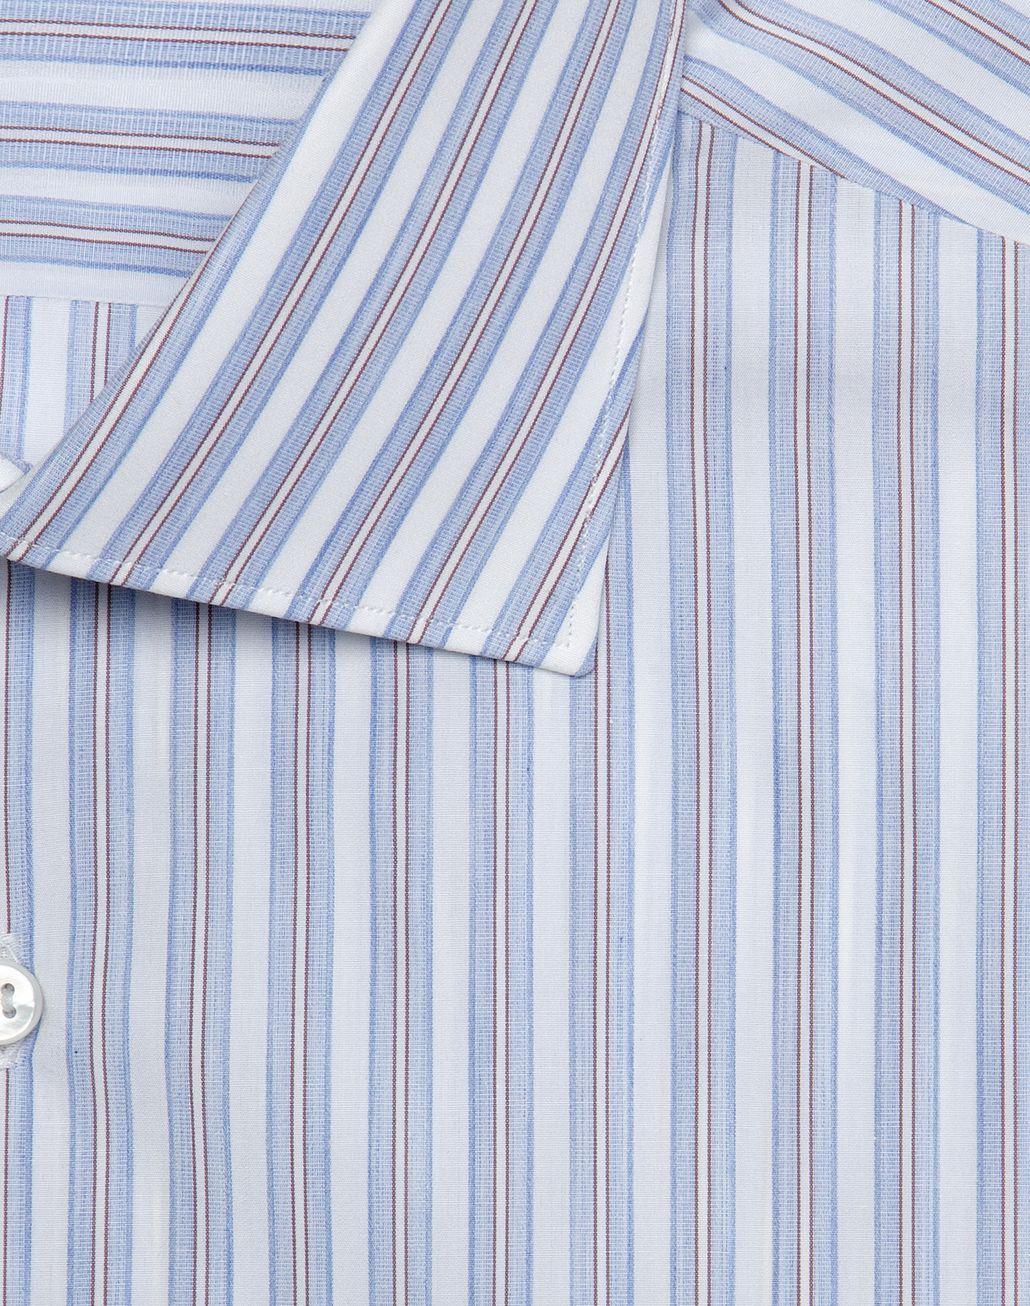 BRIONI Camicia Comfort Bianca a Righe Color Whisky e Azzurro   Camicie formali Uomo r